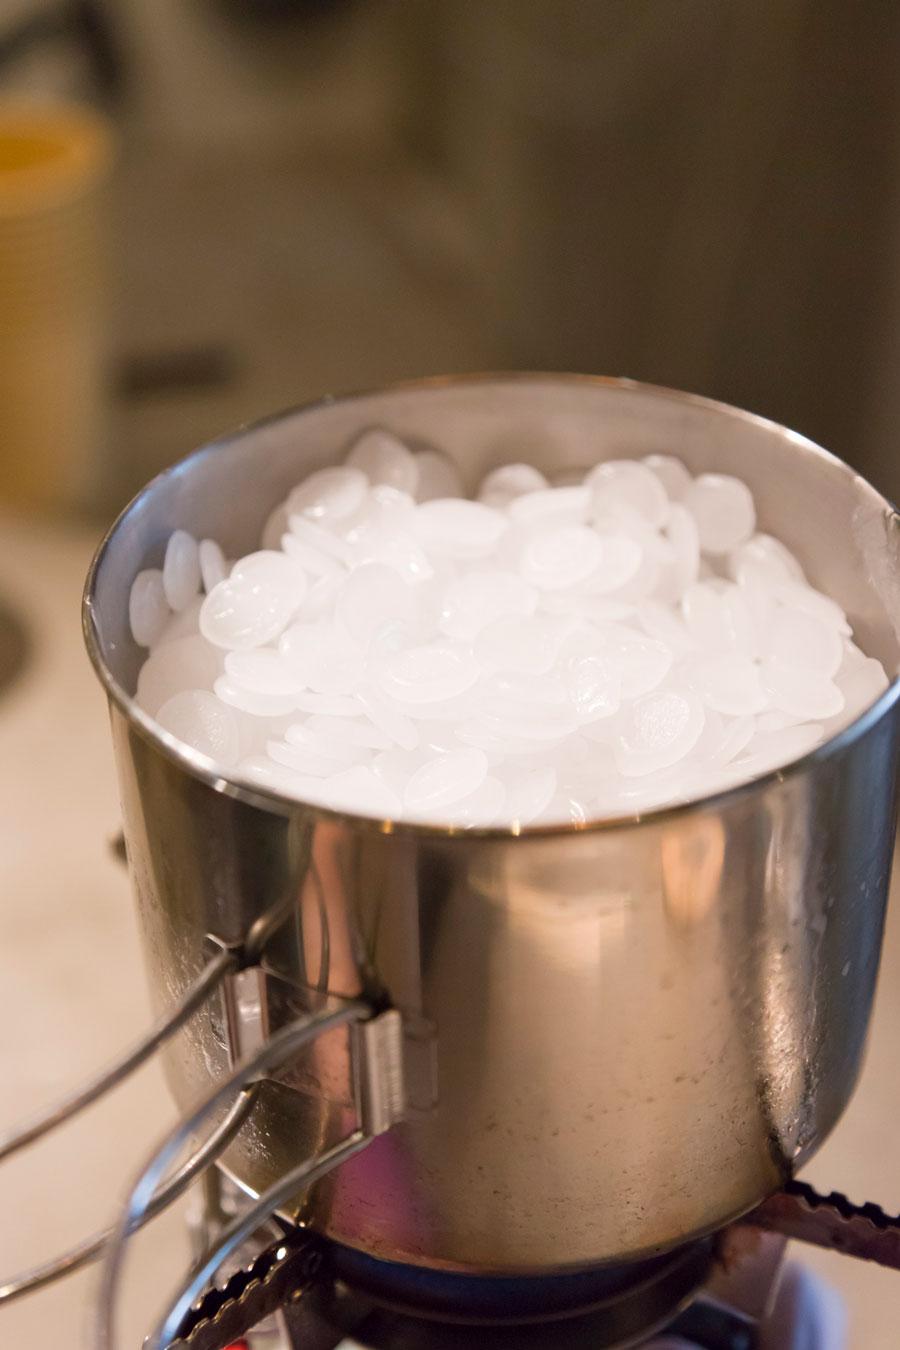 手作りキャンドル用のパラフィンワックスを鍋にかけて溶かす。火傷をしないように取り扱いには十分気をつけて。